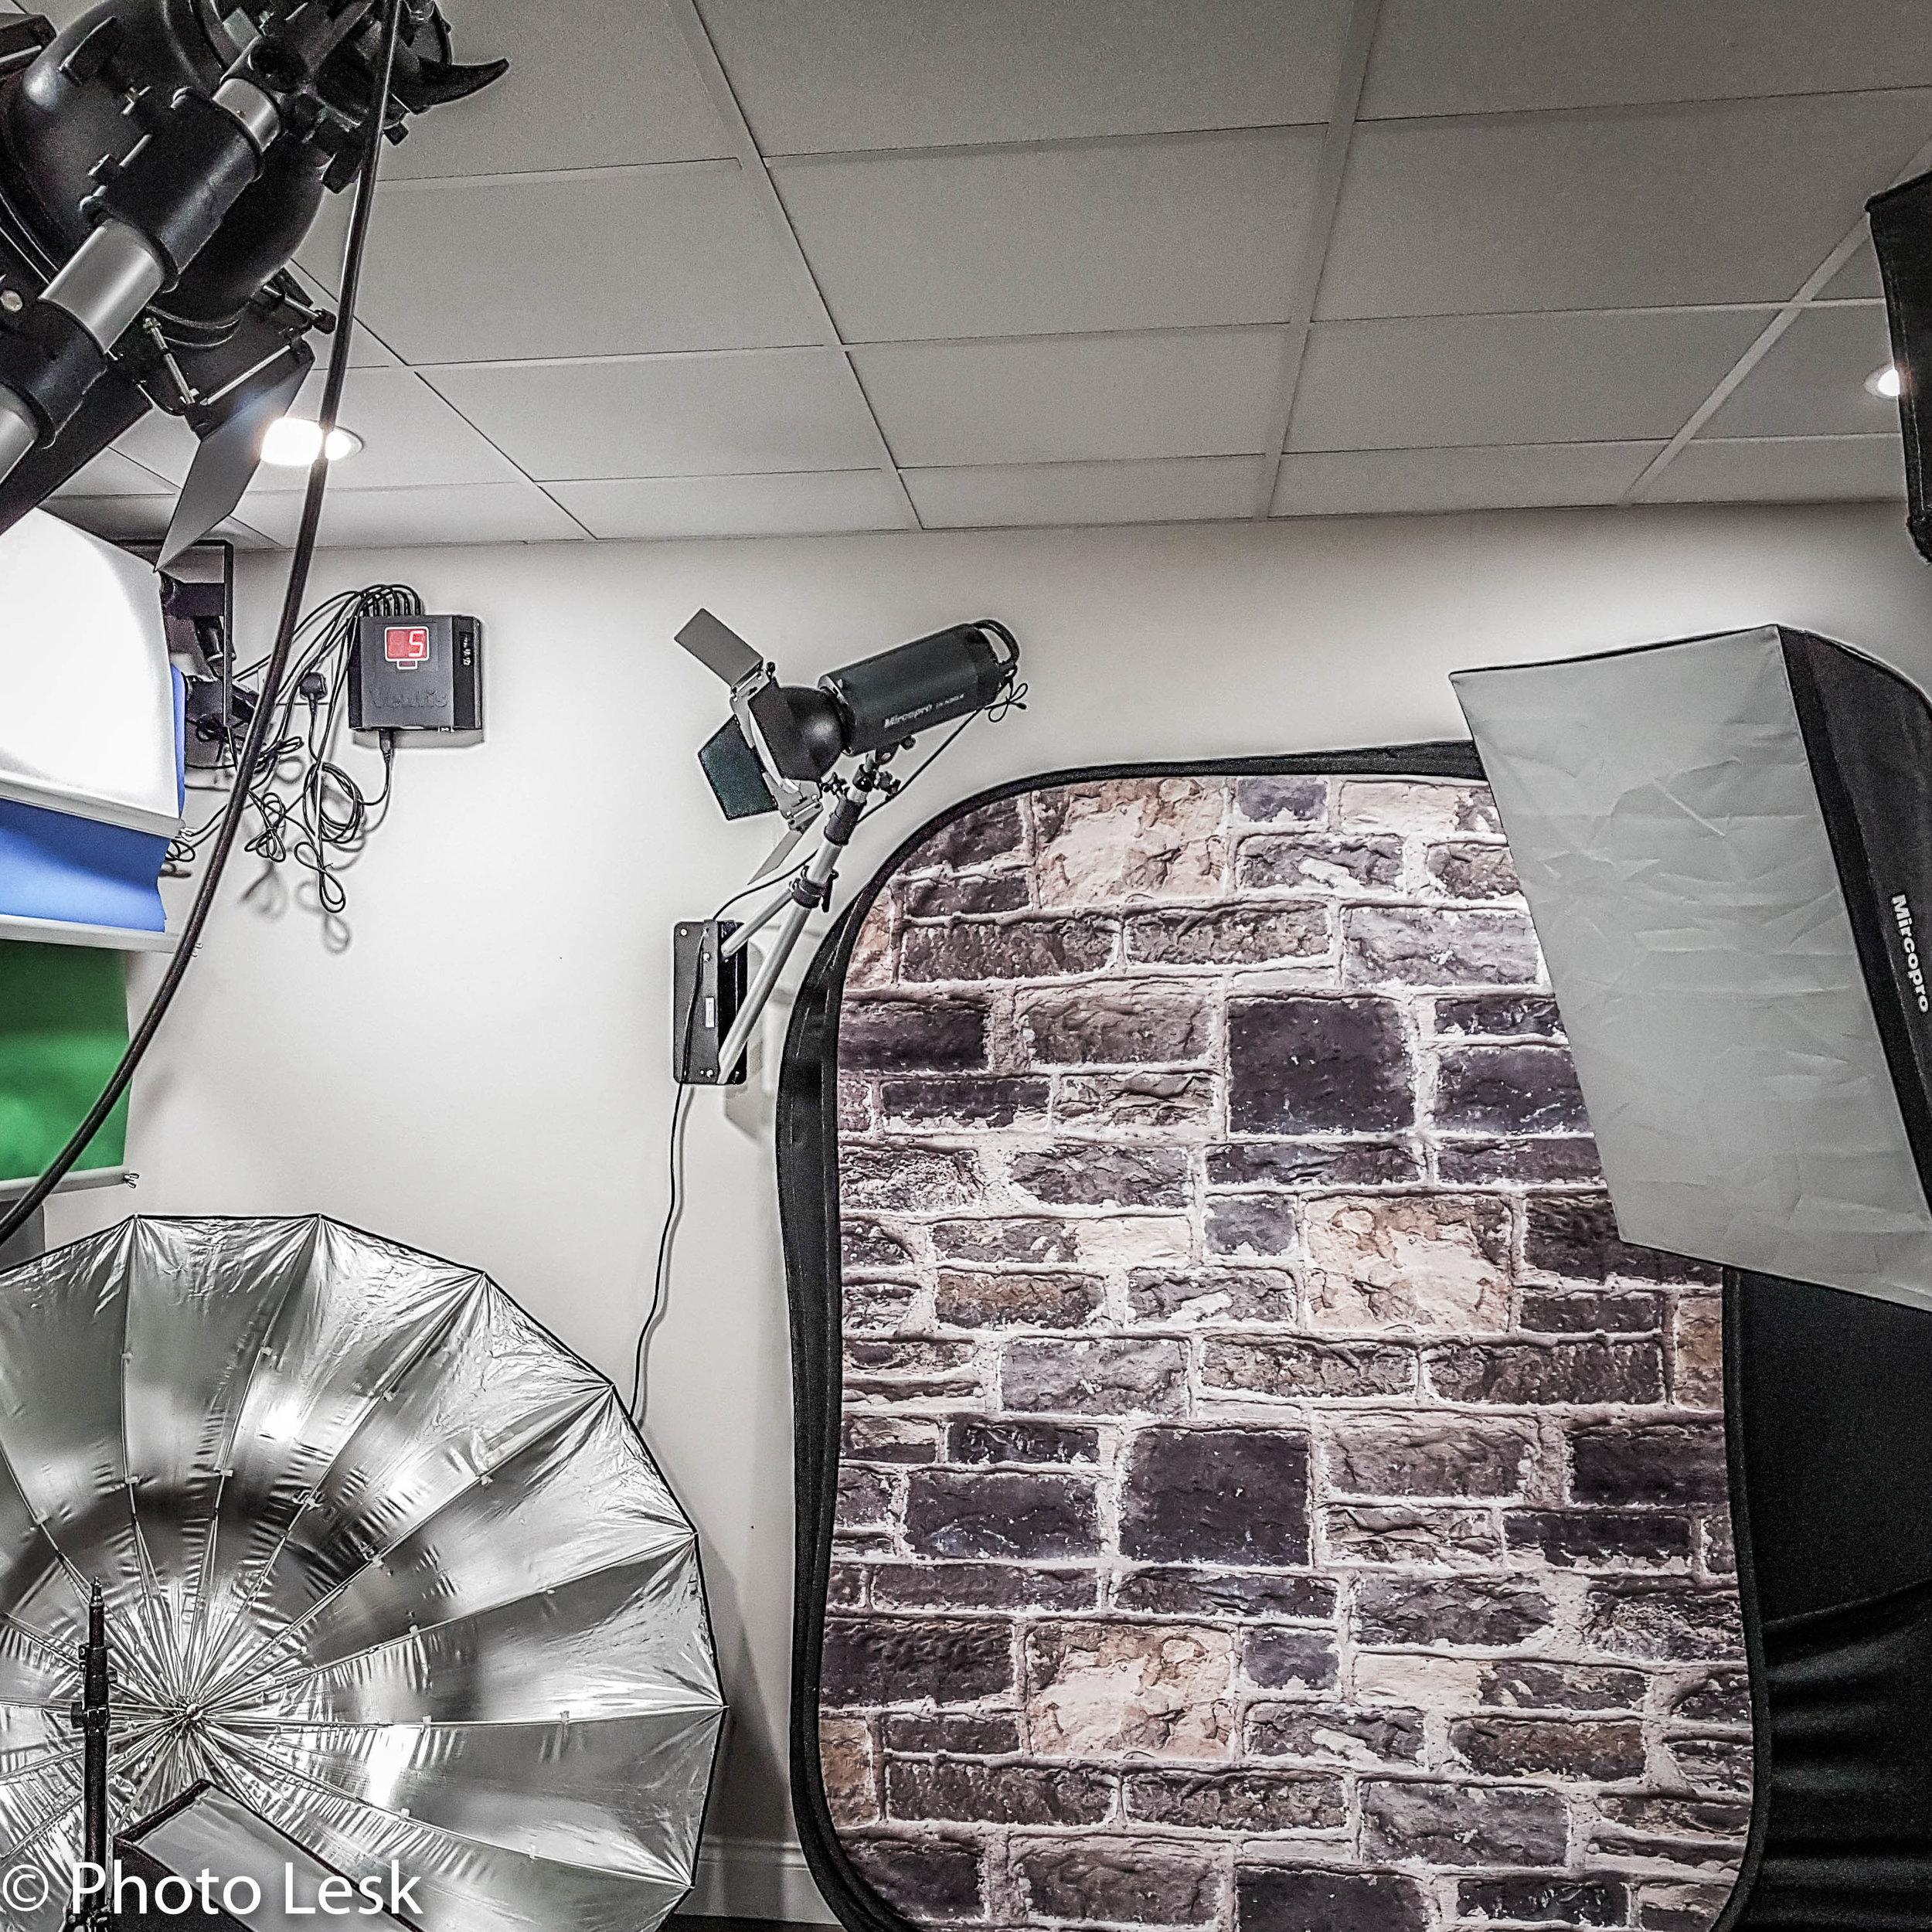 photography-studio-hire-devon-prices.jpg